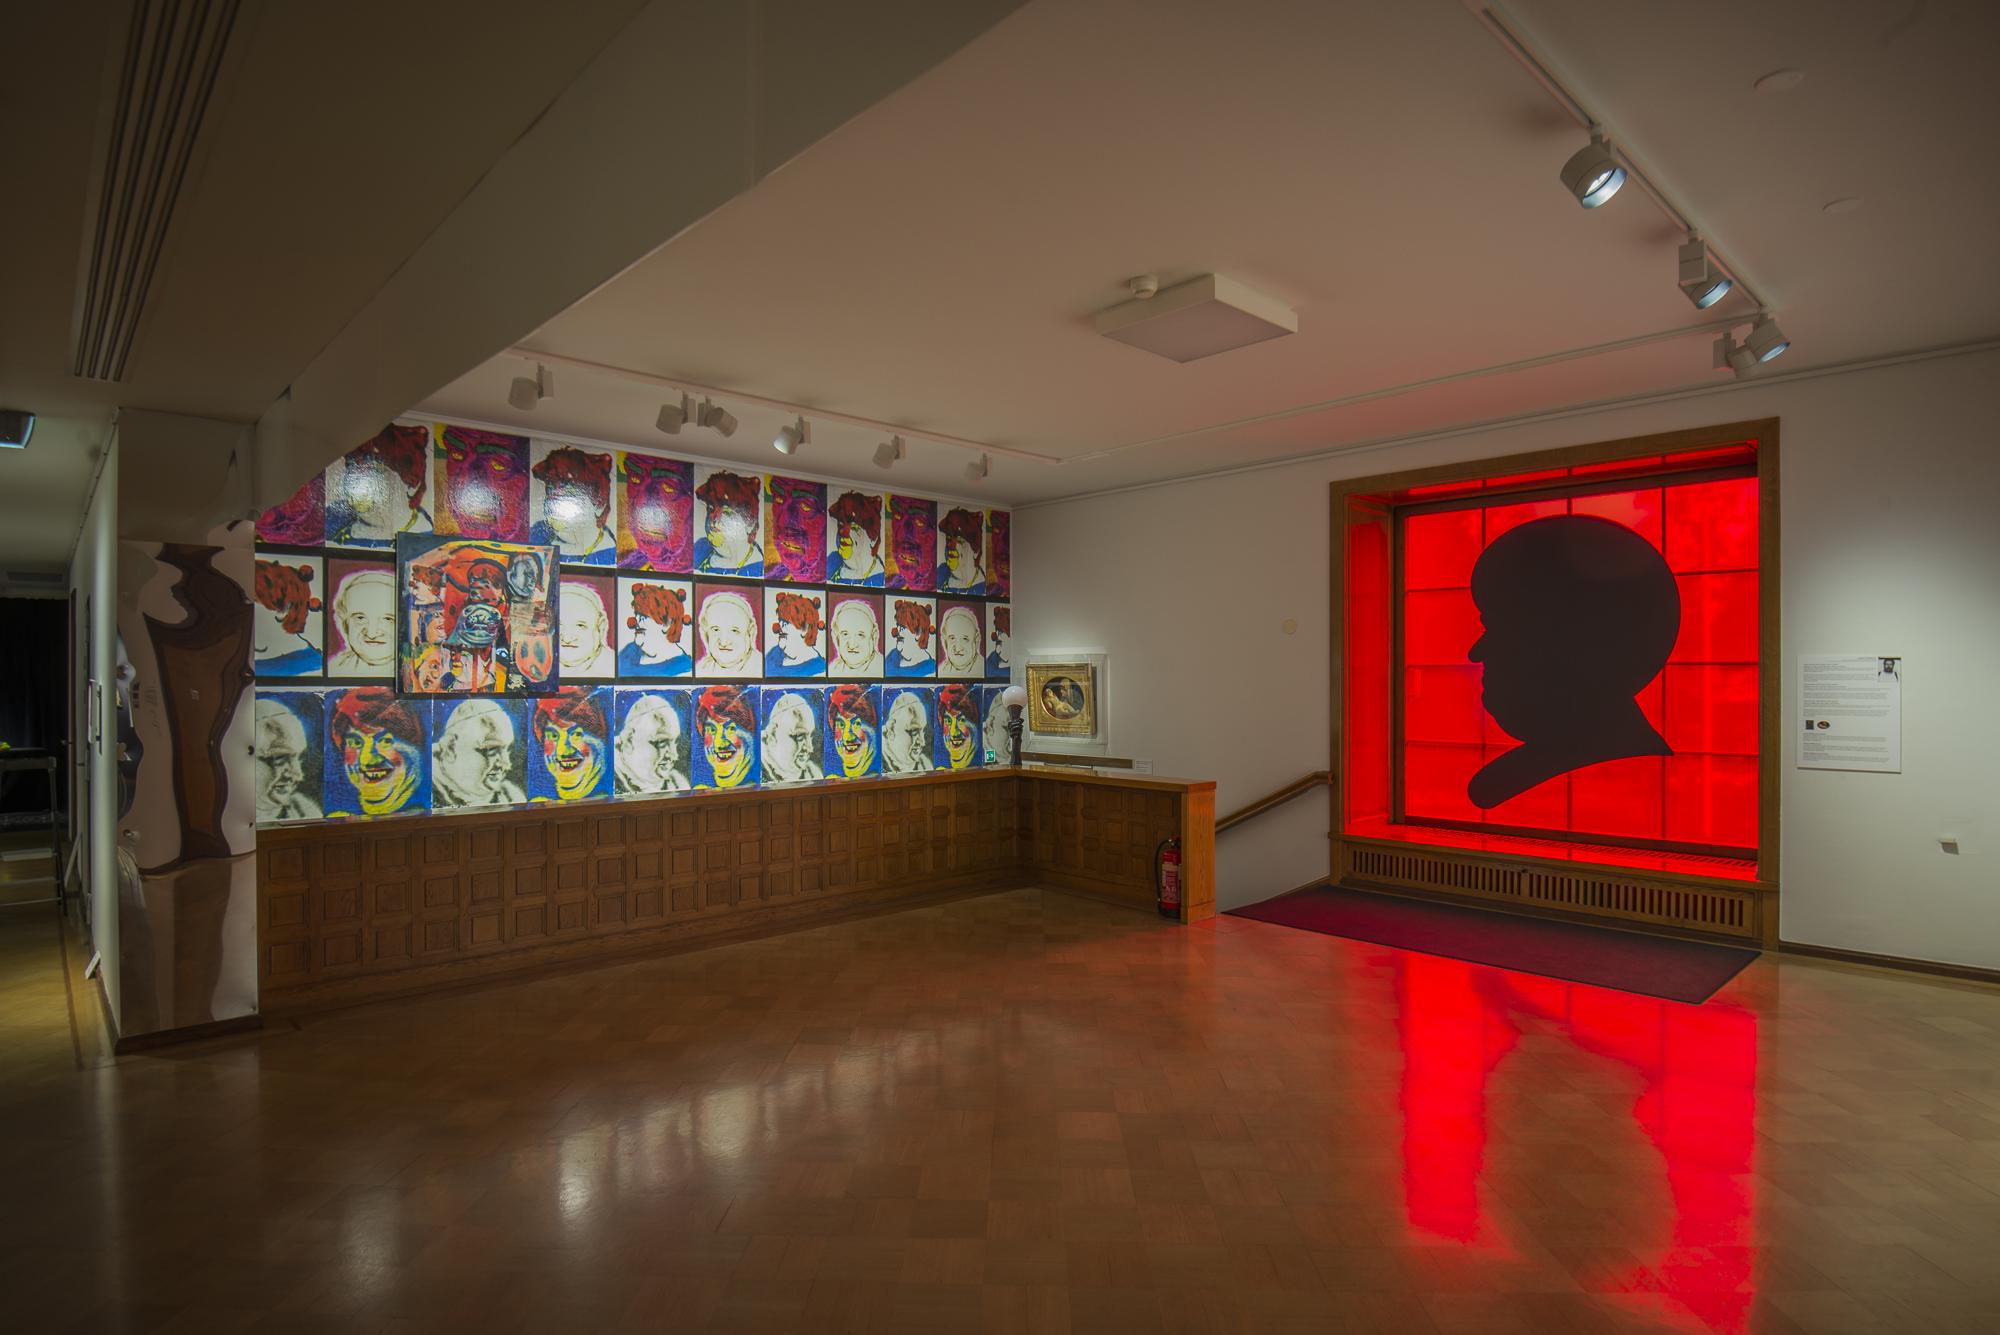 Jukka Korkeila, Pääoma, posters, plexi mirrors, acrylic on canvas and on wall, oil on canvas, Pleasure, Serlachius art museum, Mänttä, Finland, 2017-18, curated by Laura Kuurne